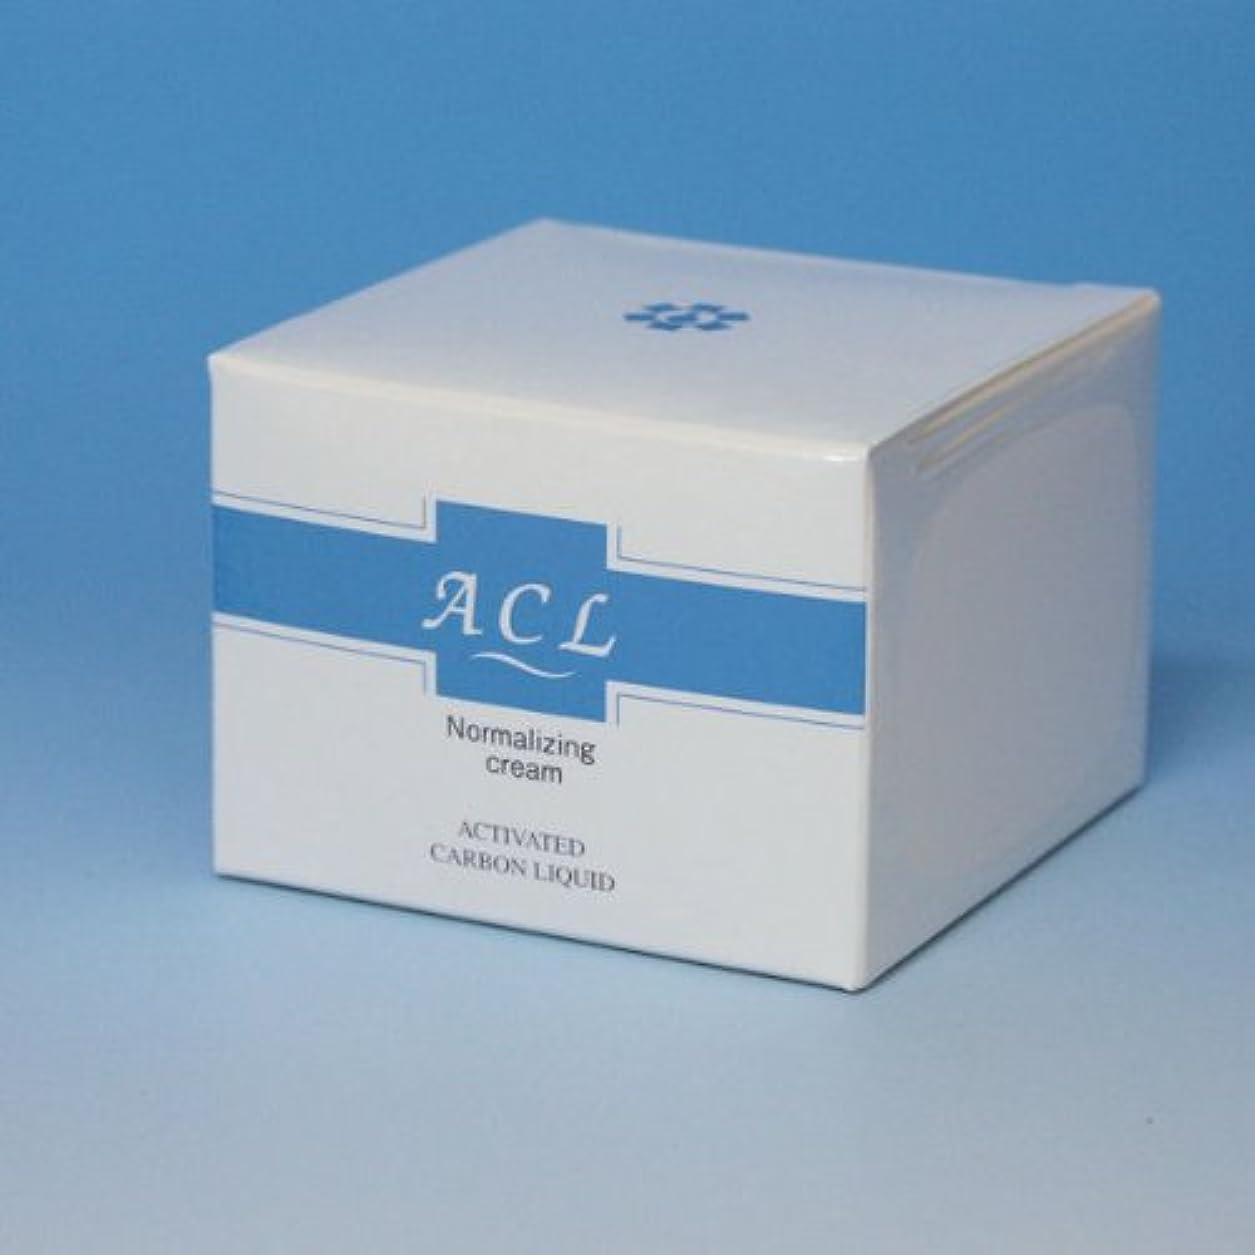 クリーク旅行代理店ラフレシアアルノルディ【日邦薬品】ACLノーマライジングクリーム 30g